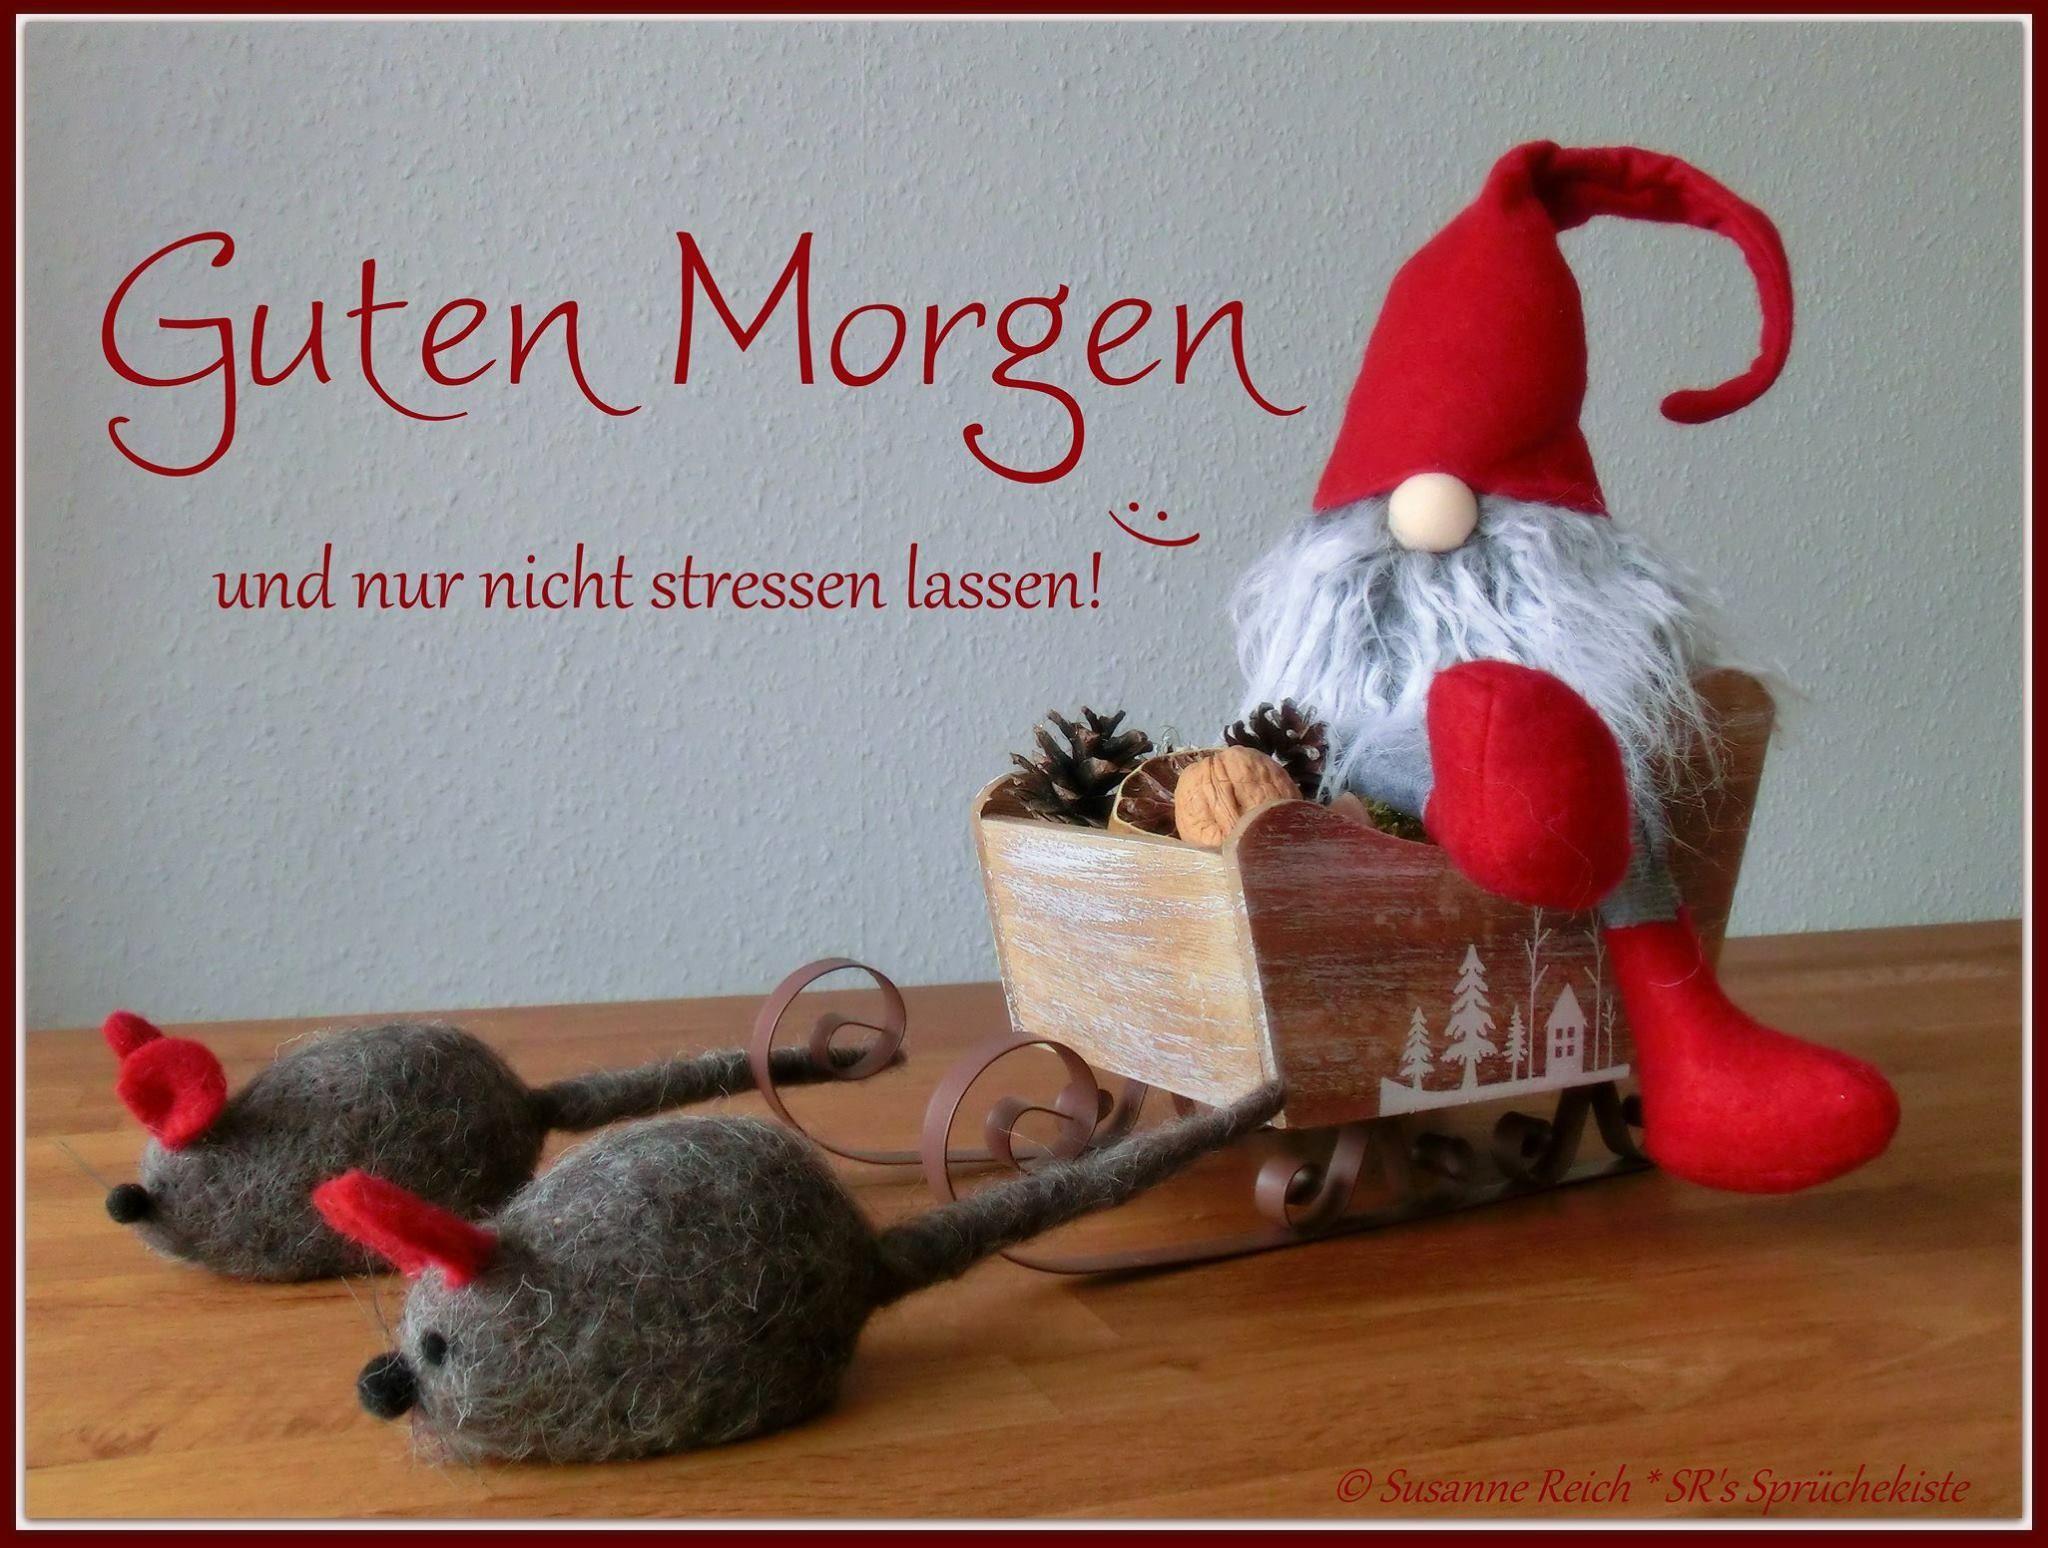 Weihnachtsbilder Für Facebook - Weihnachtsbilder Für Facebook